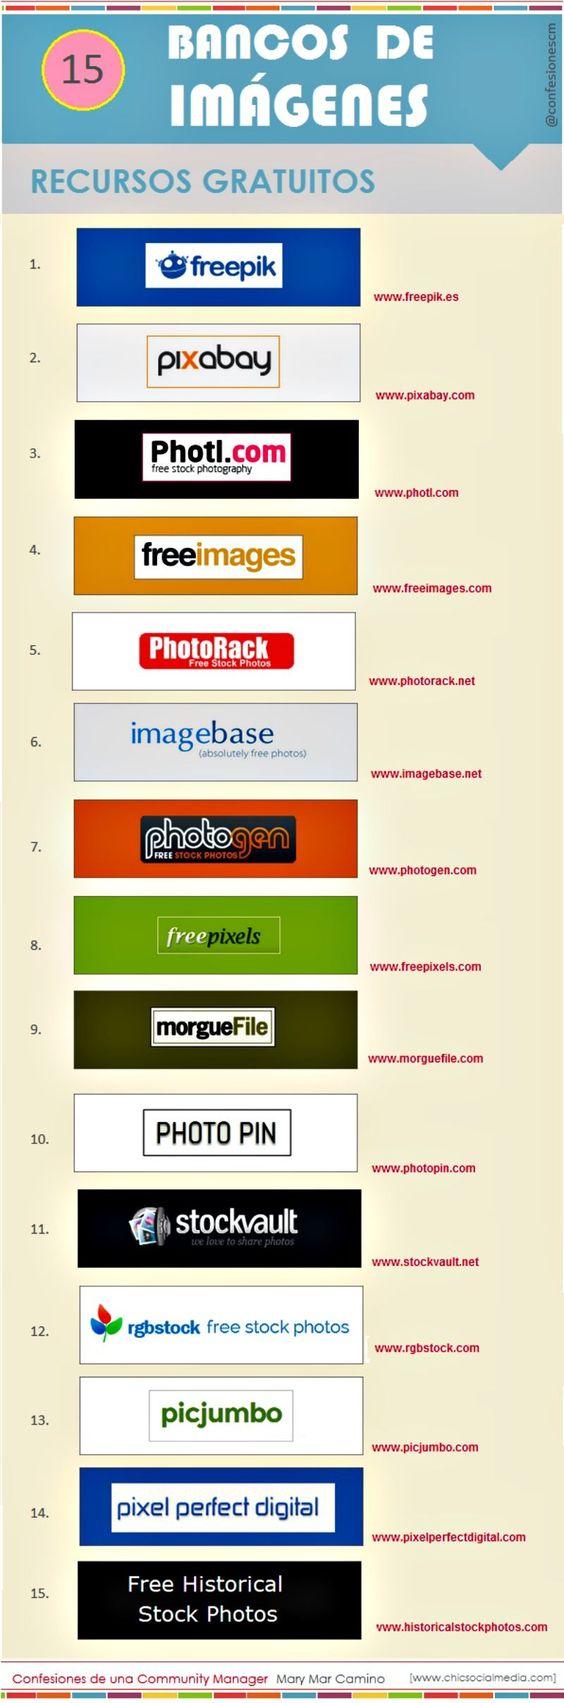 Quince bancos de imágenes libres en una infografía ...